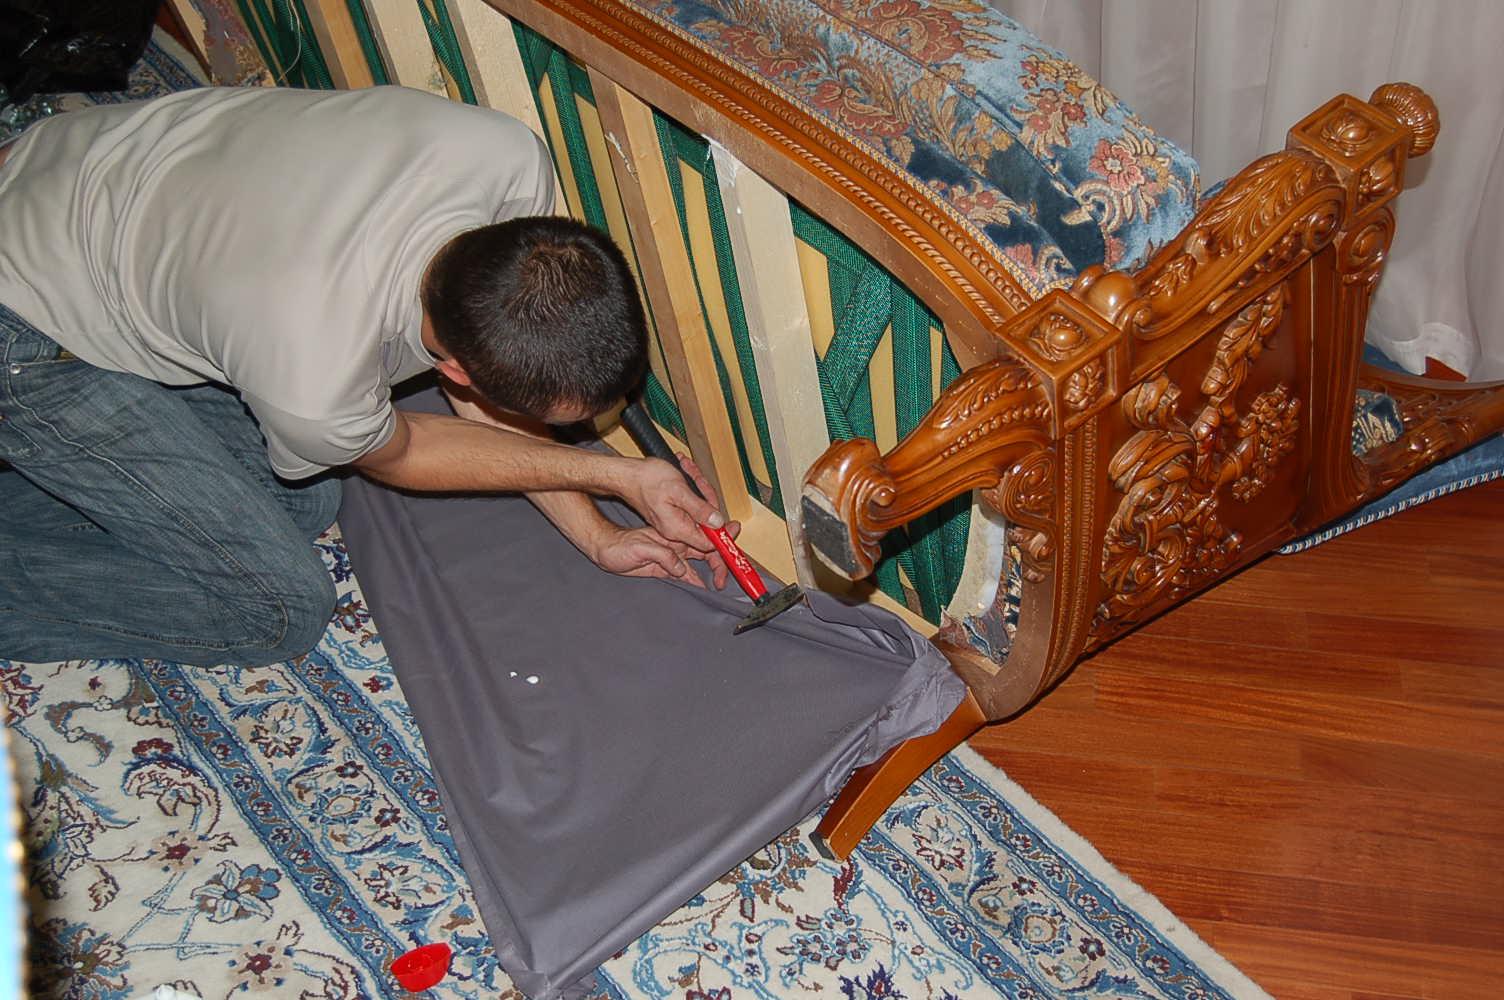 Как сделать чехол на телефон своими руками в домашних условиях поэтапно